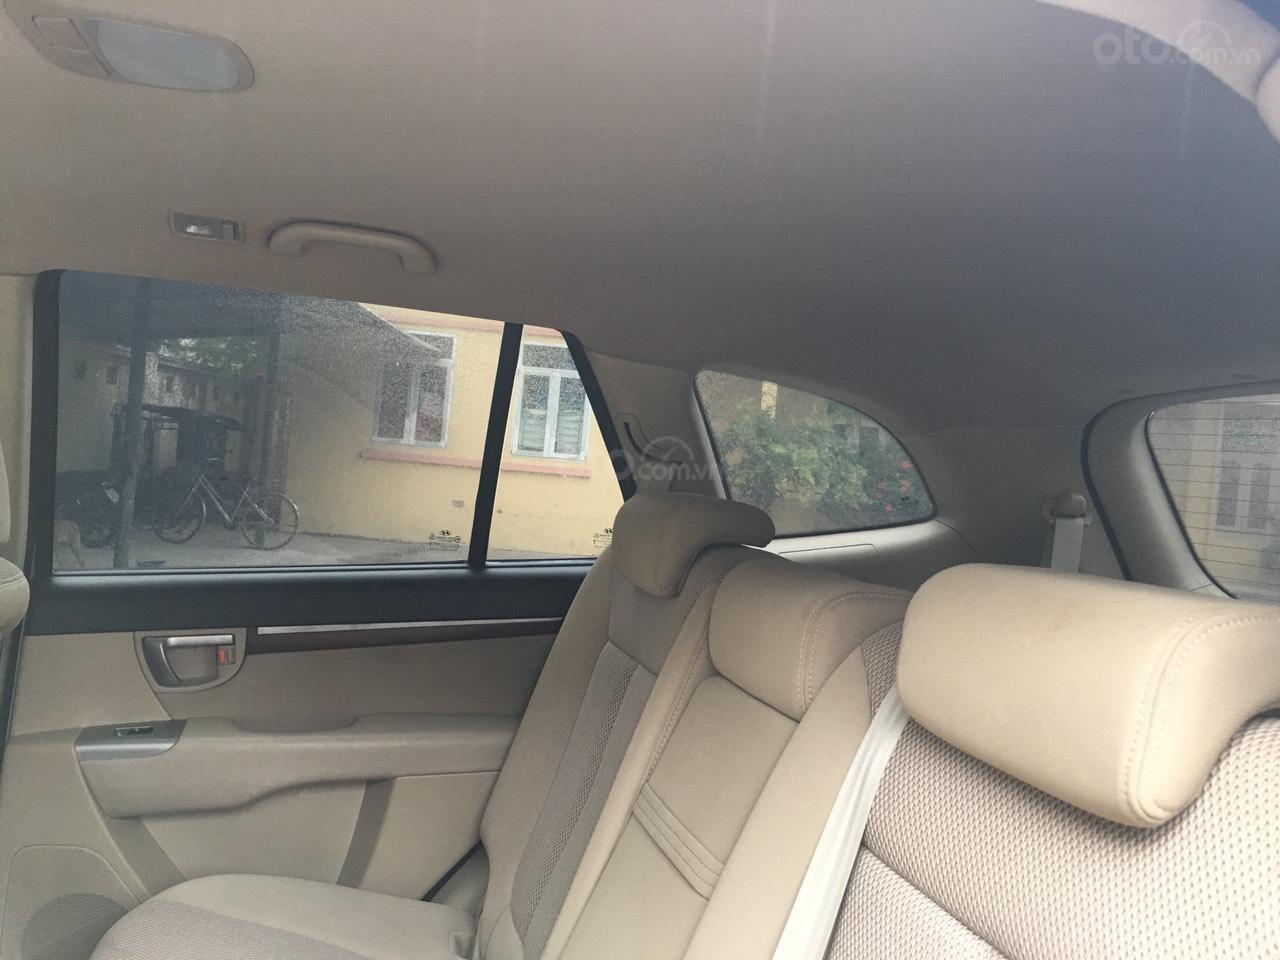 Bán ô tô Hyundai Santa Fe 2008, nhập khẩu nguyên chiếc, chính chủ còn rất mới (6)